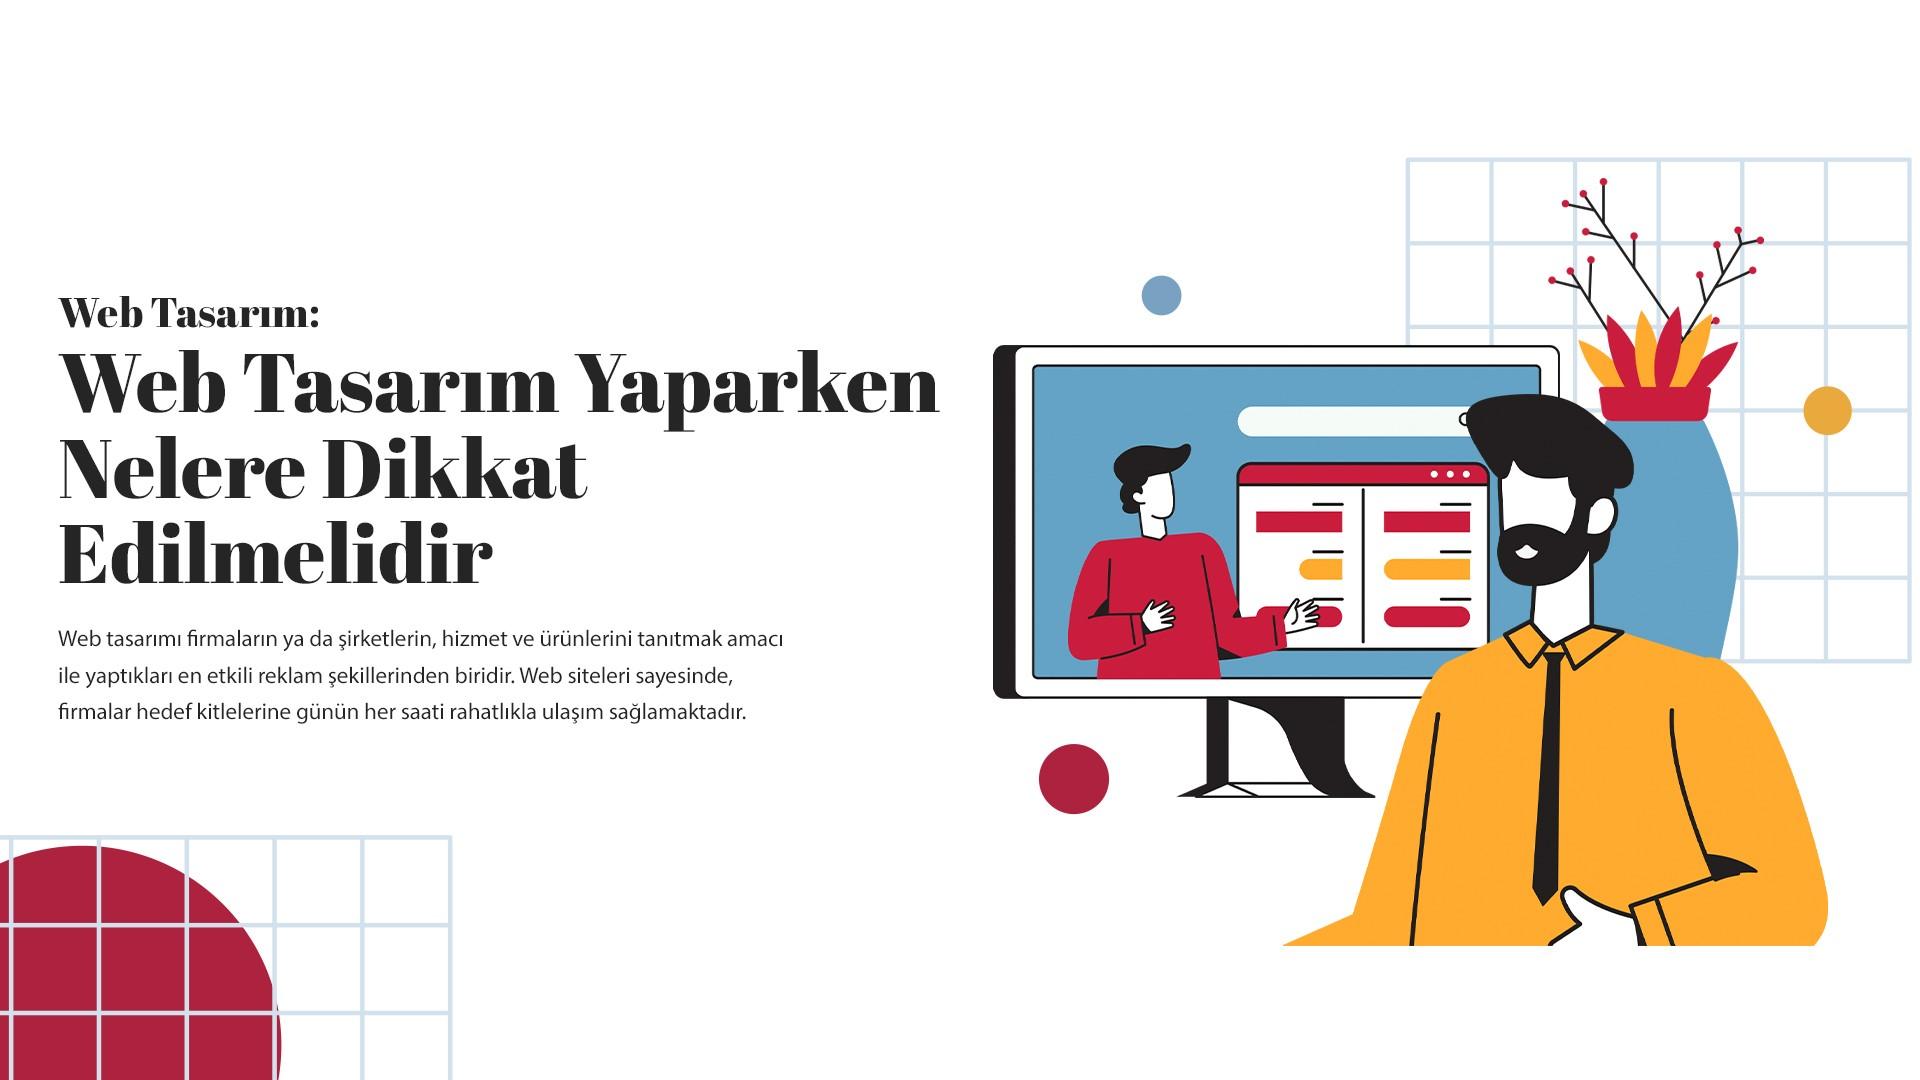 Web Tasarım Yaparken Nelere Dikkat Edilmelidir